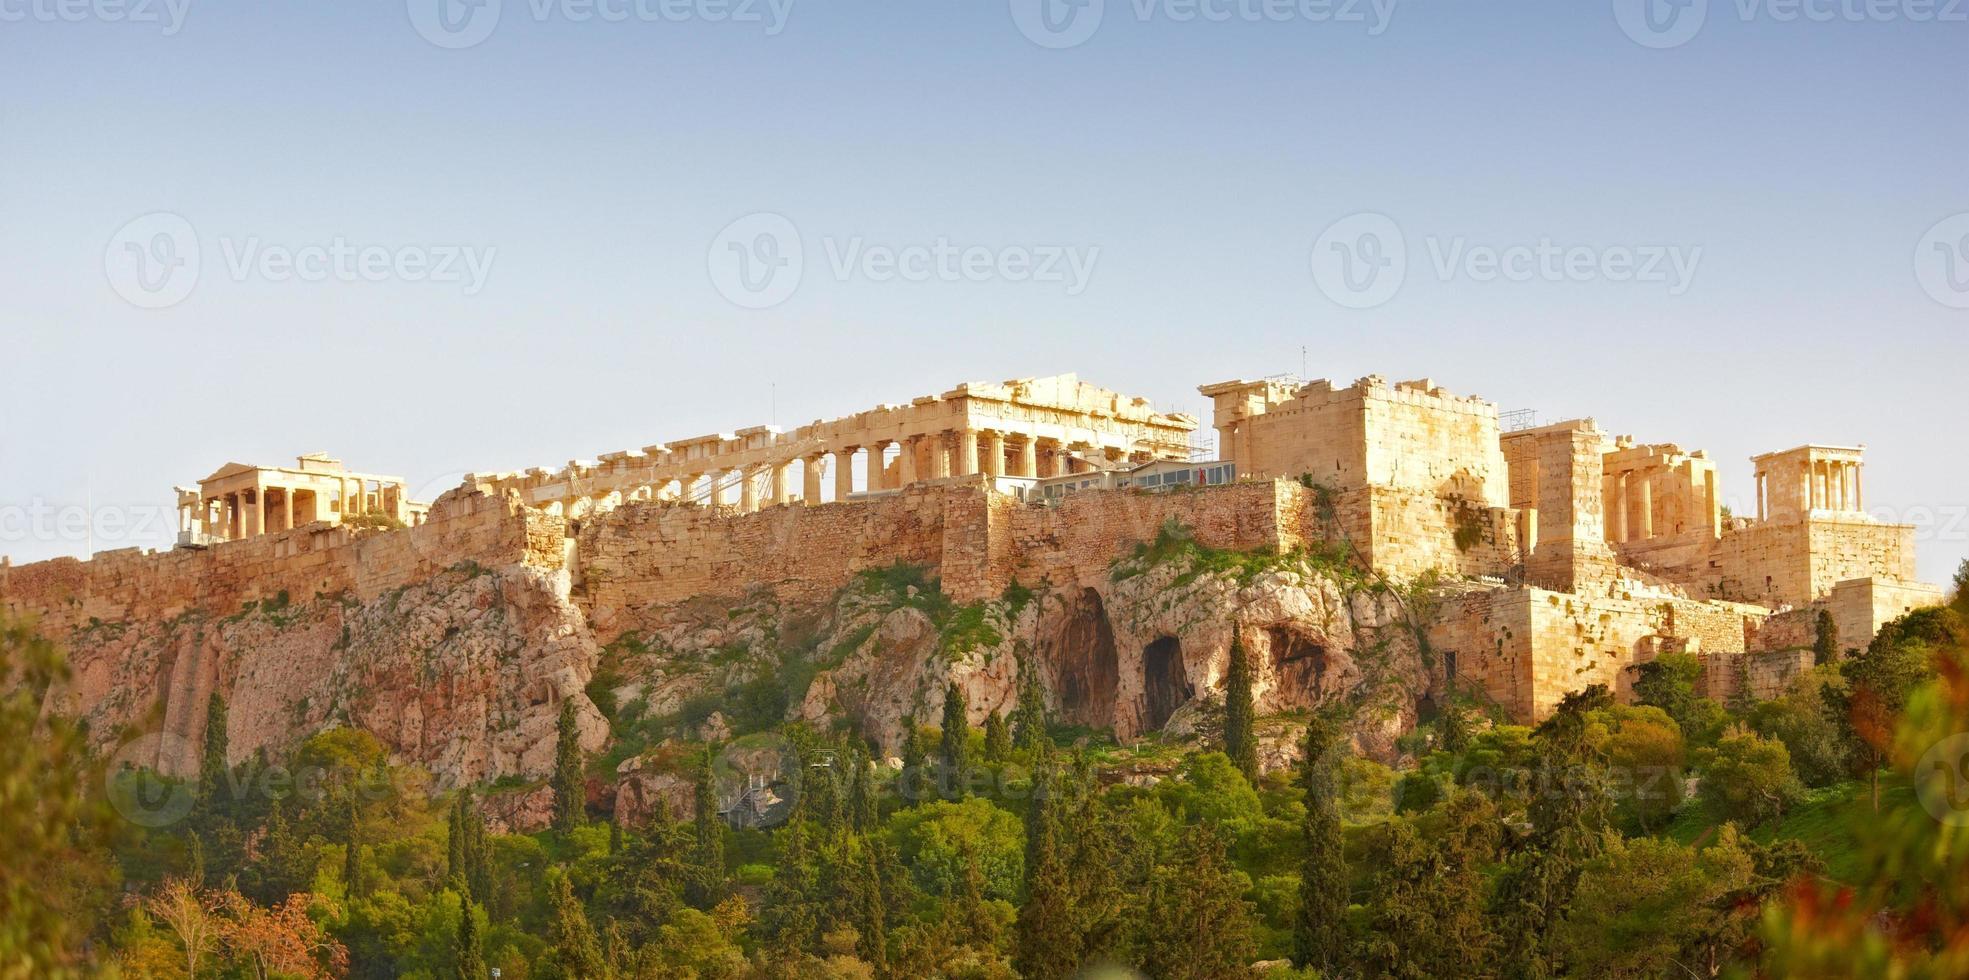 parthenon, de acropolis van athene foto